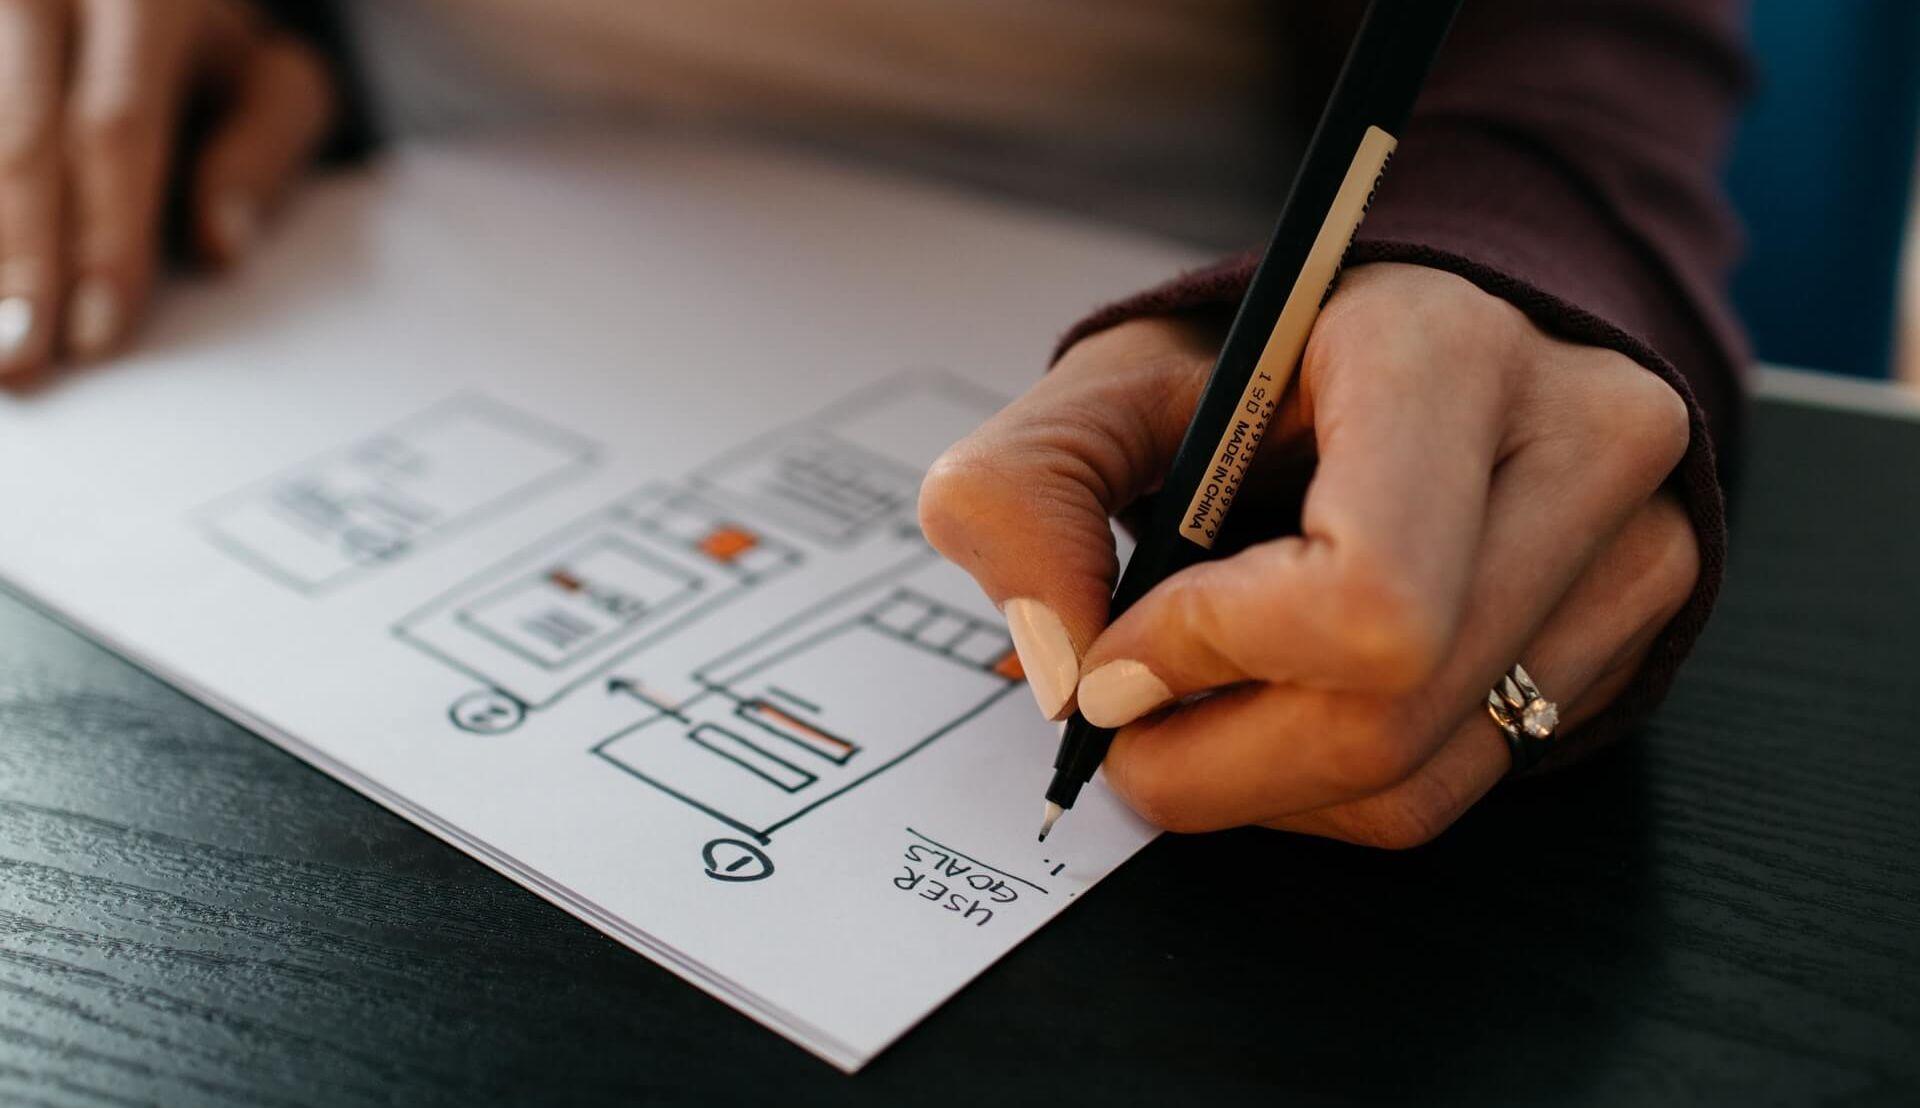 Femme dessinant un plan de site